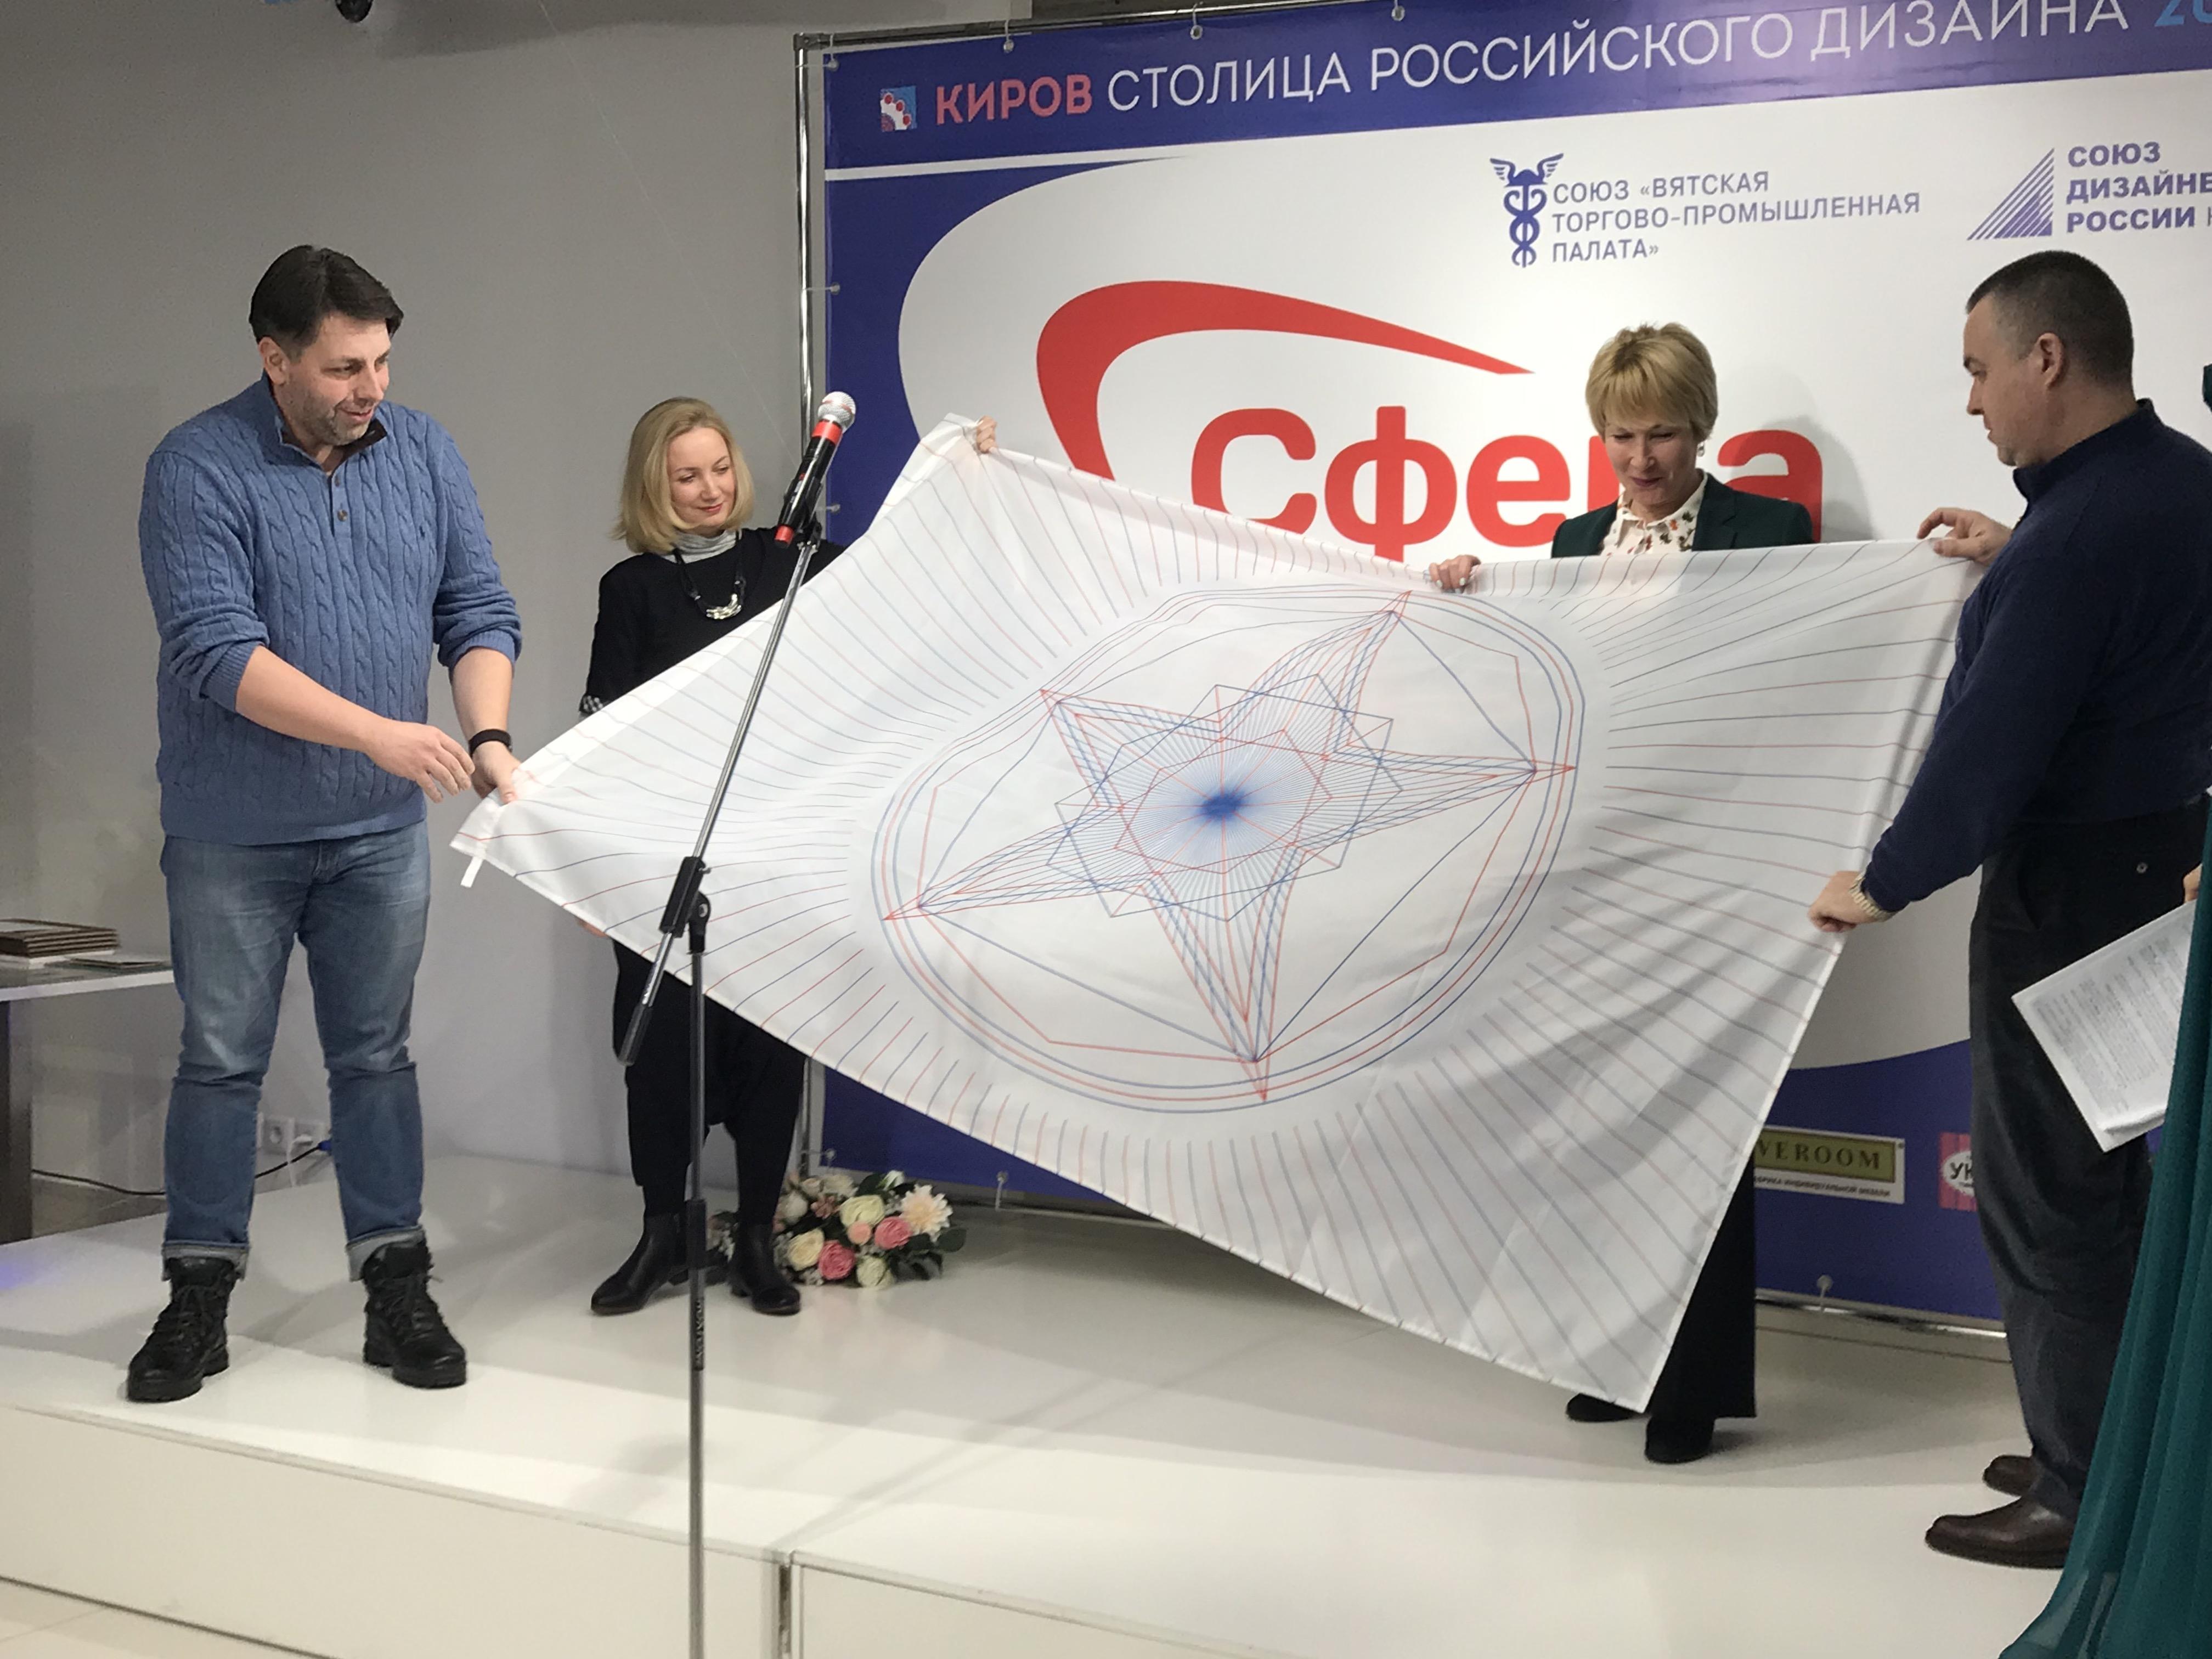 Киров официально стал Столицей российского дизайна